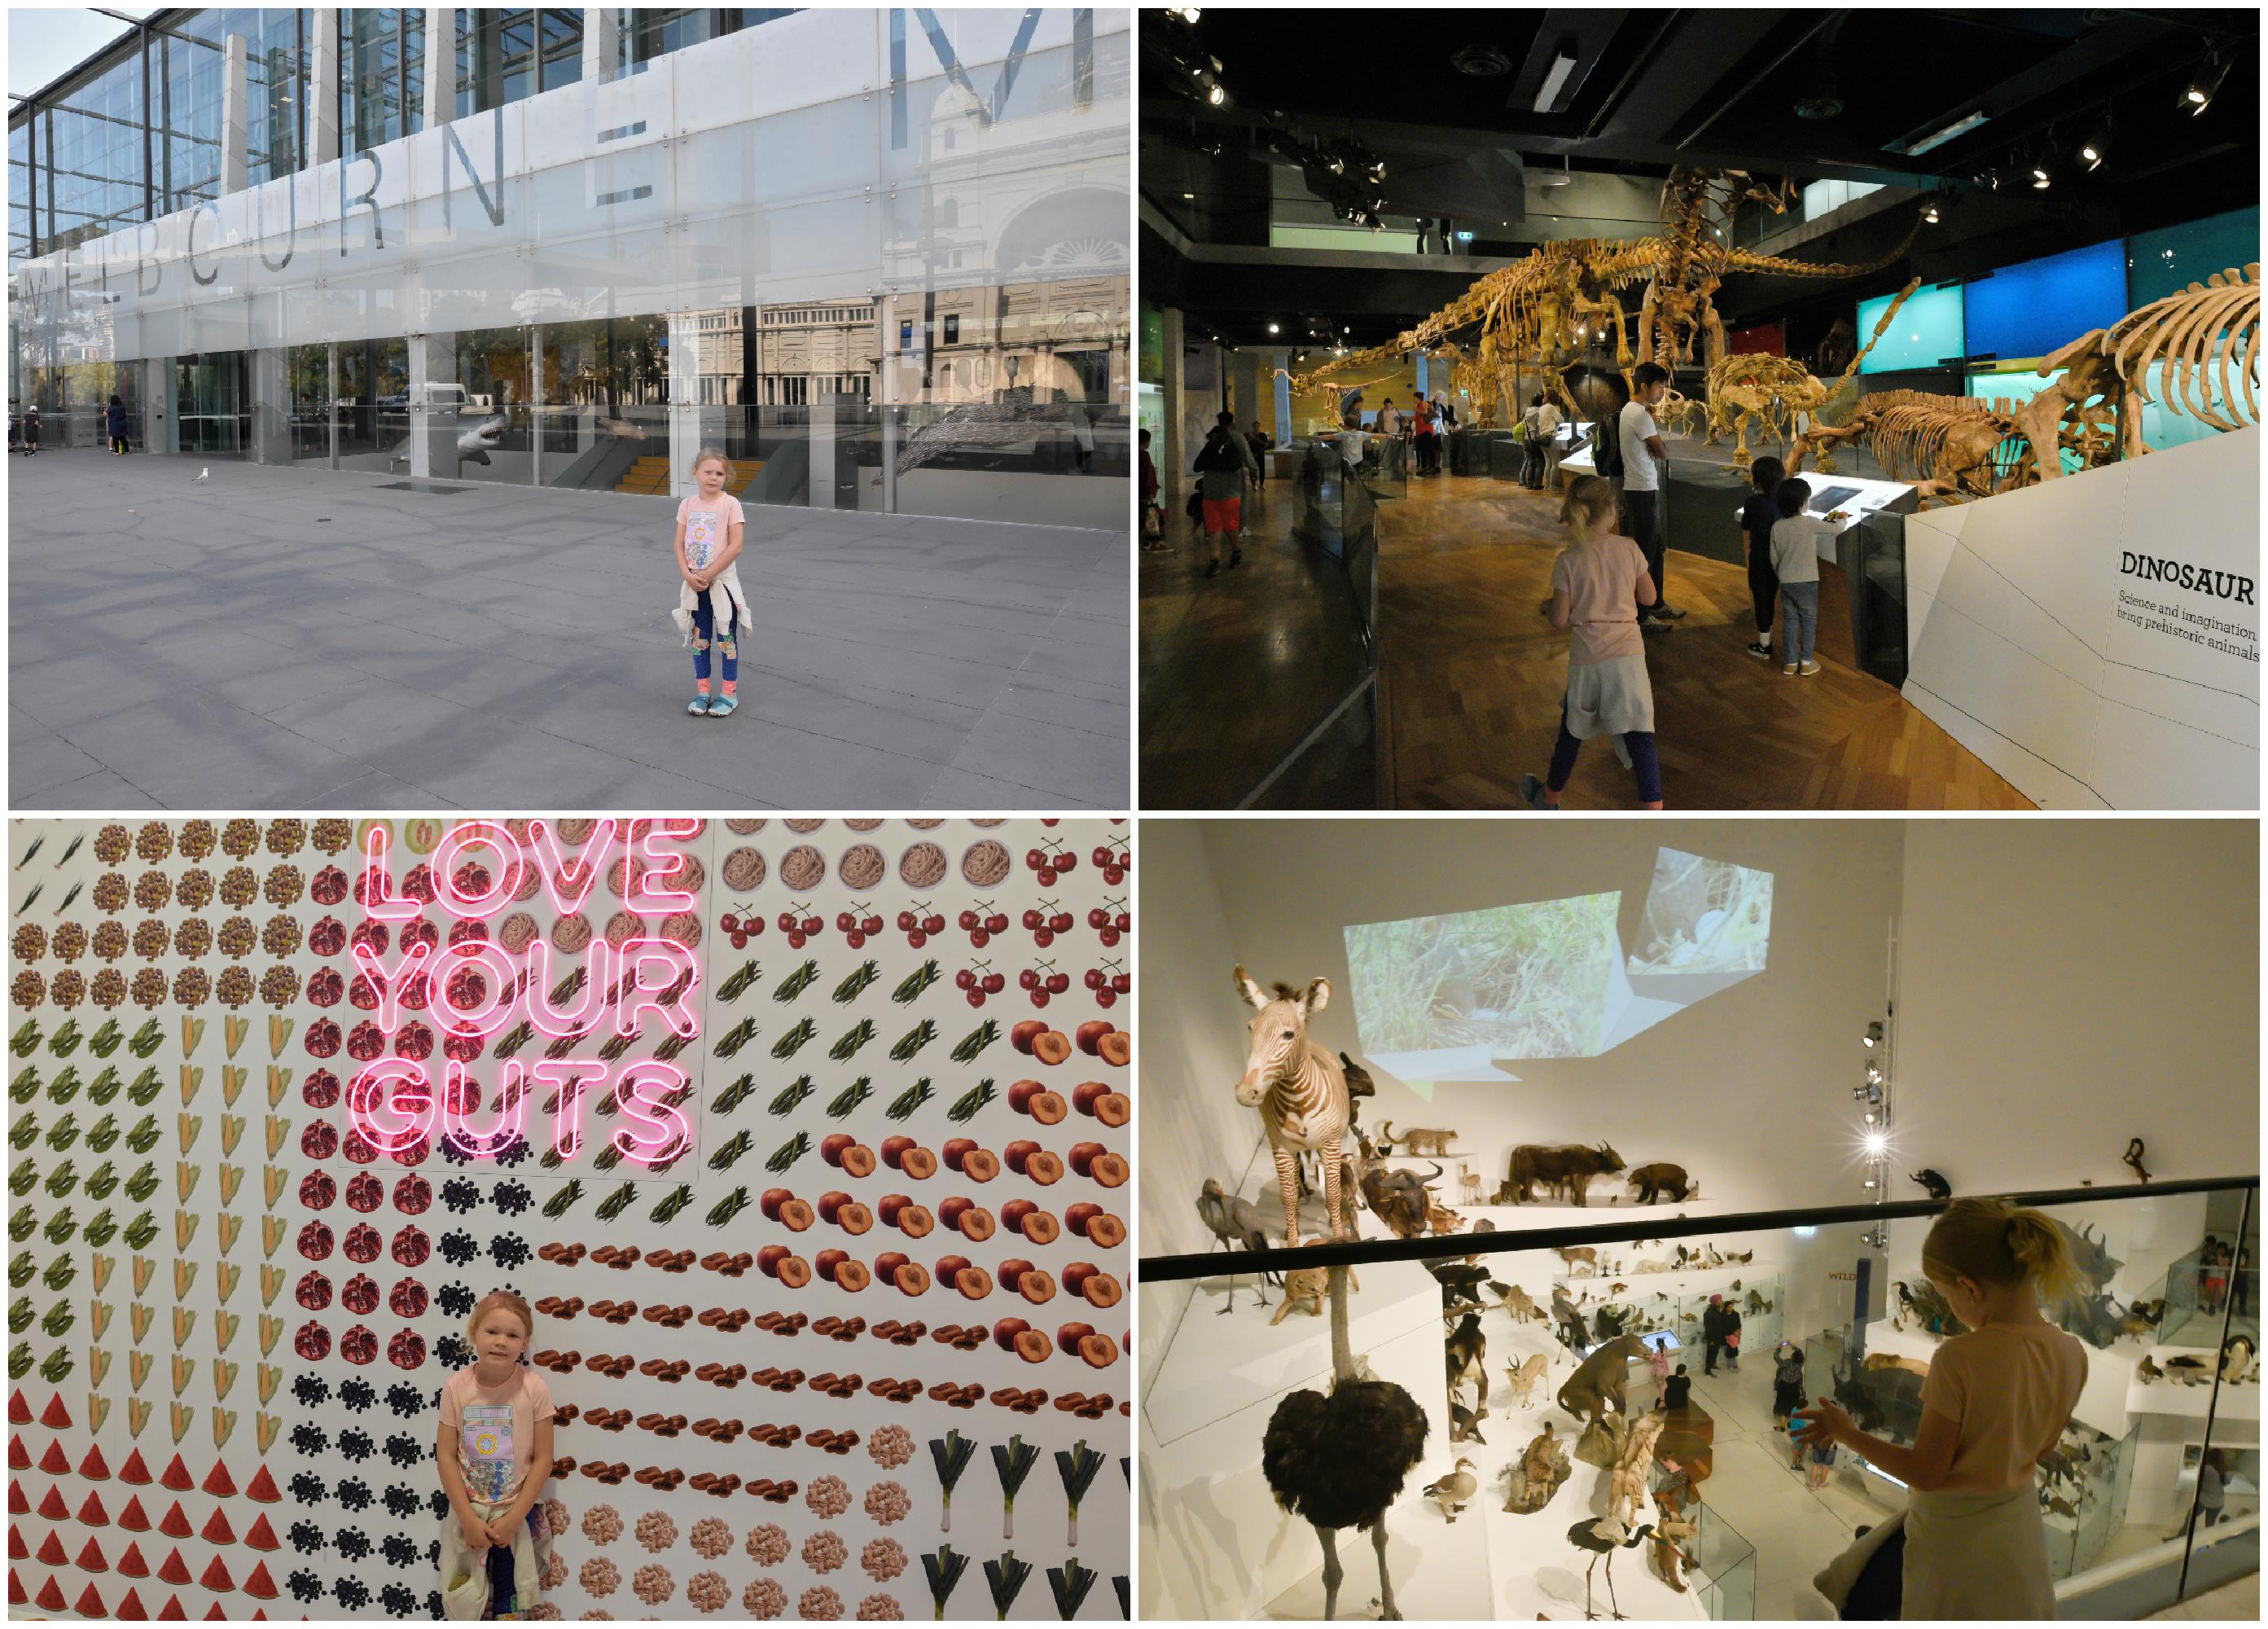 MelbourneMuseum1